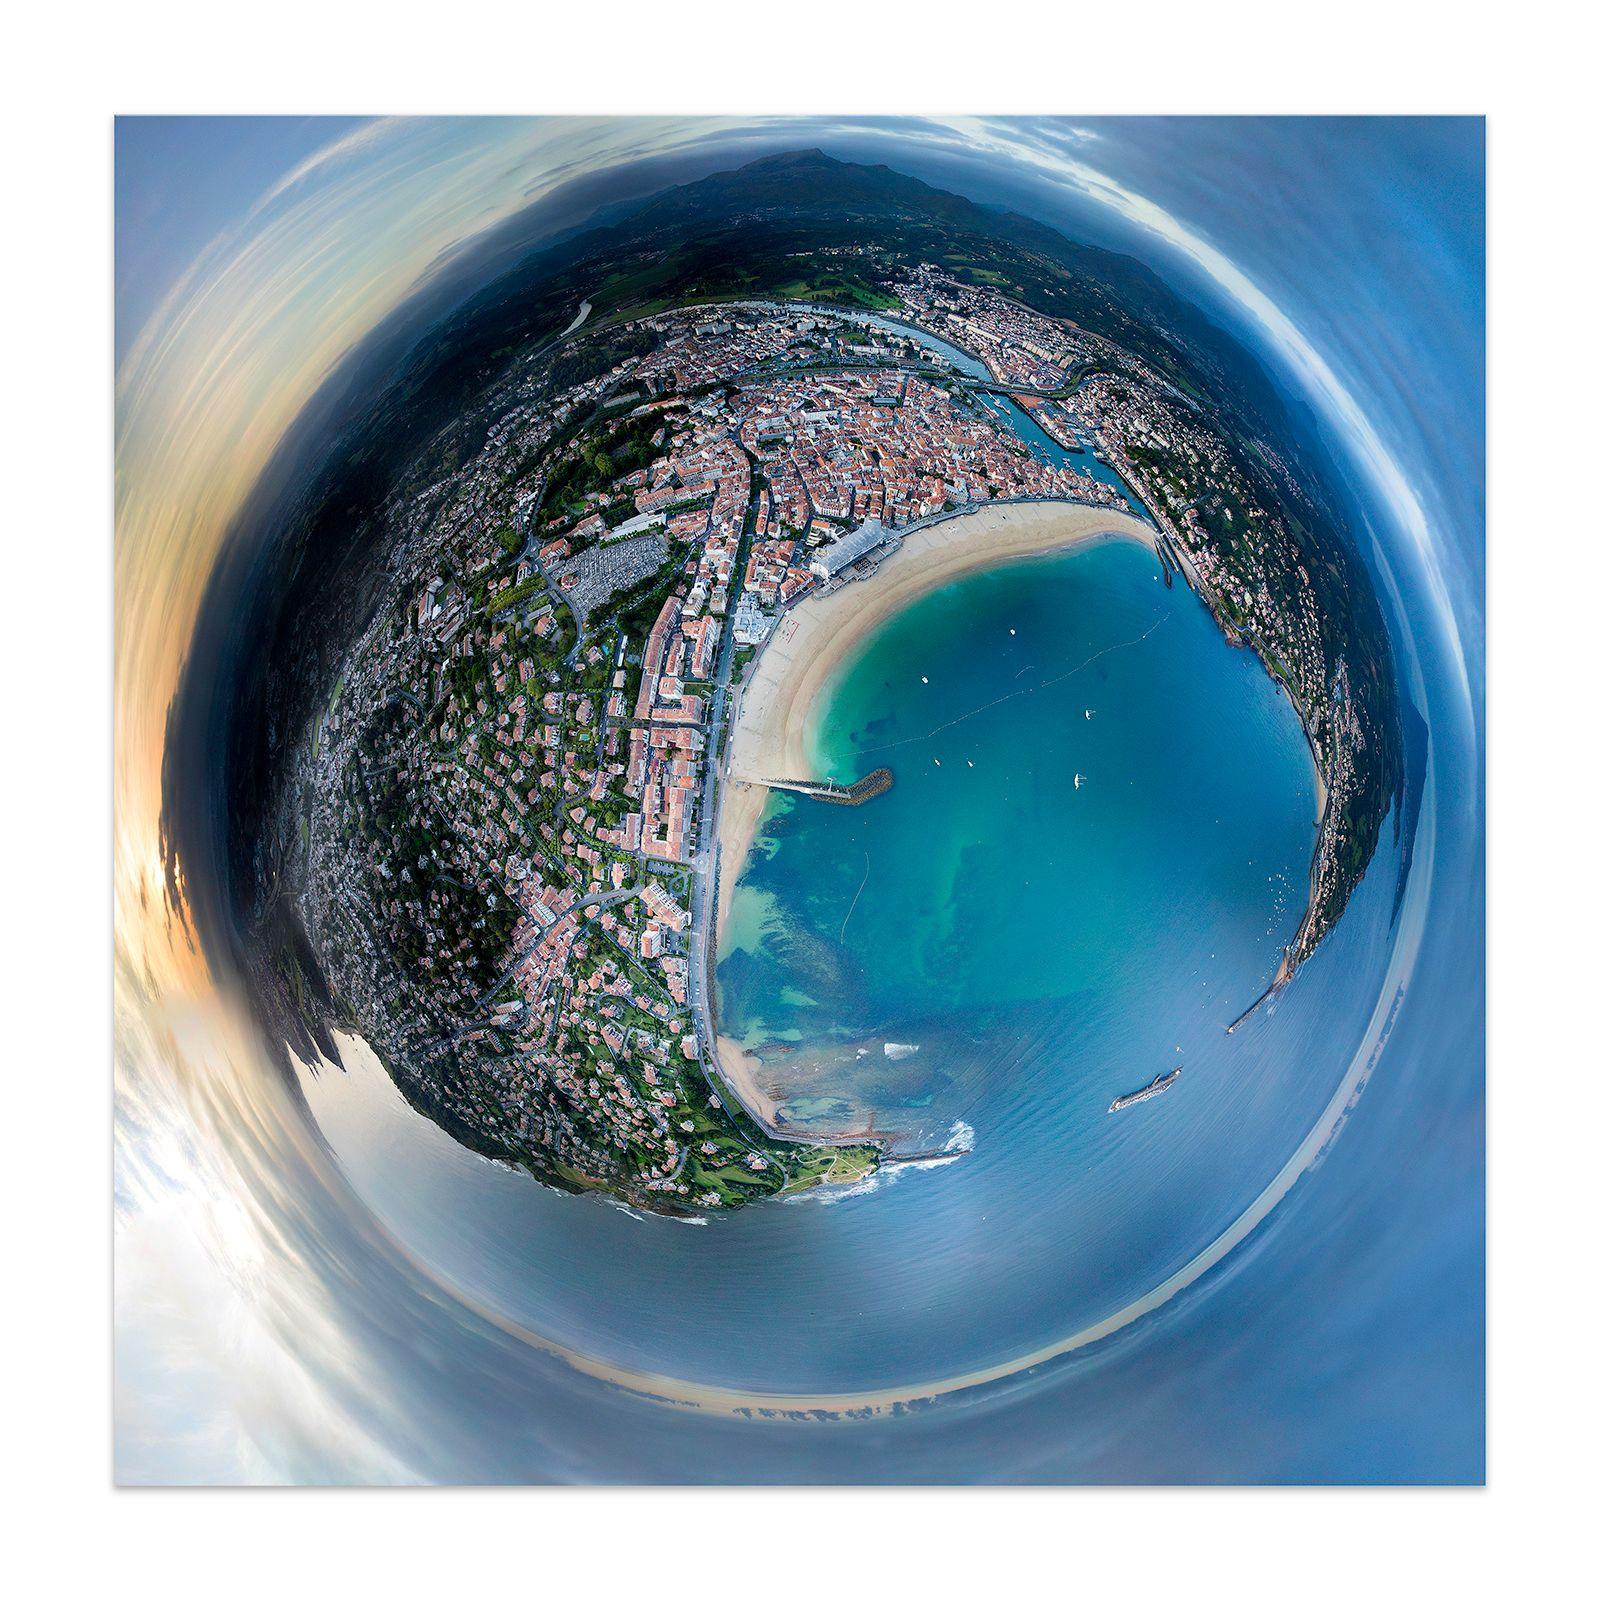 Planet-StJeanJetee10-336m.jpg